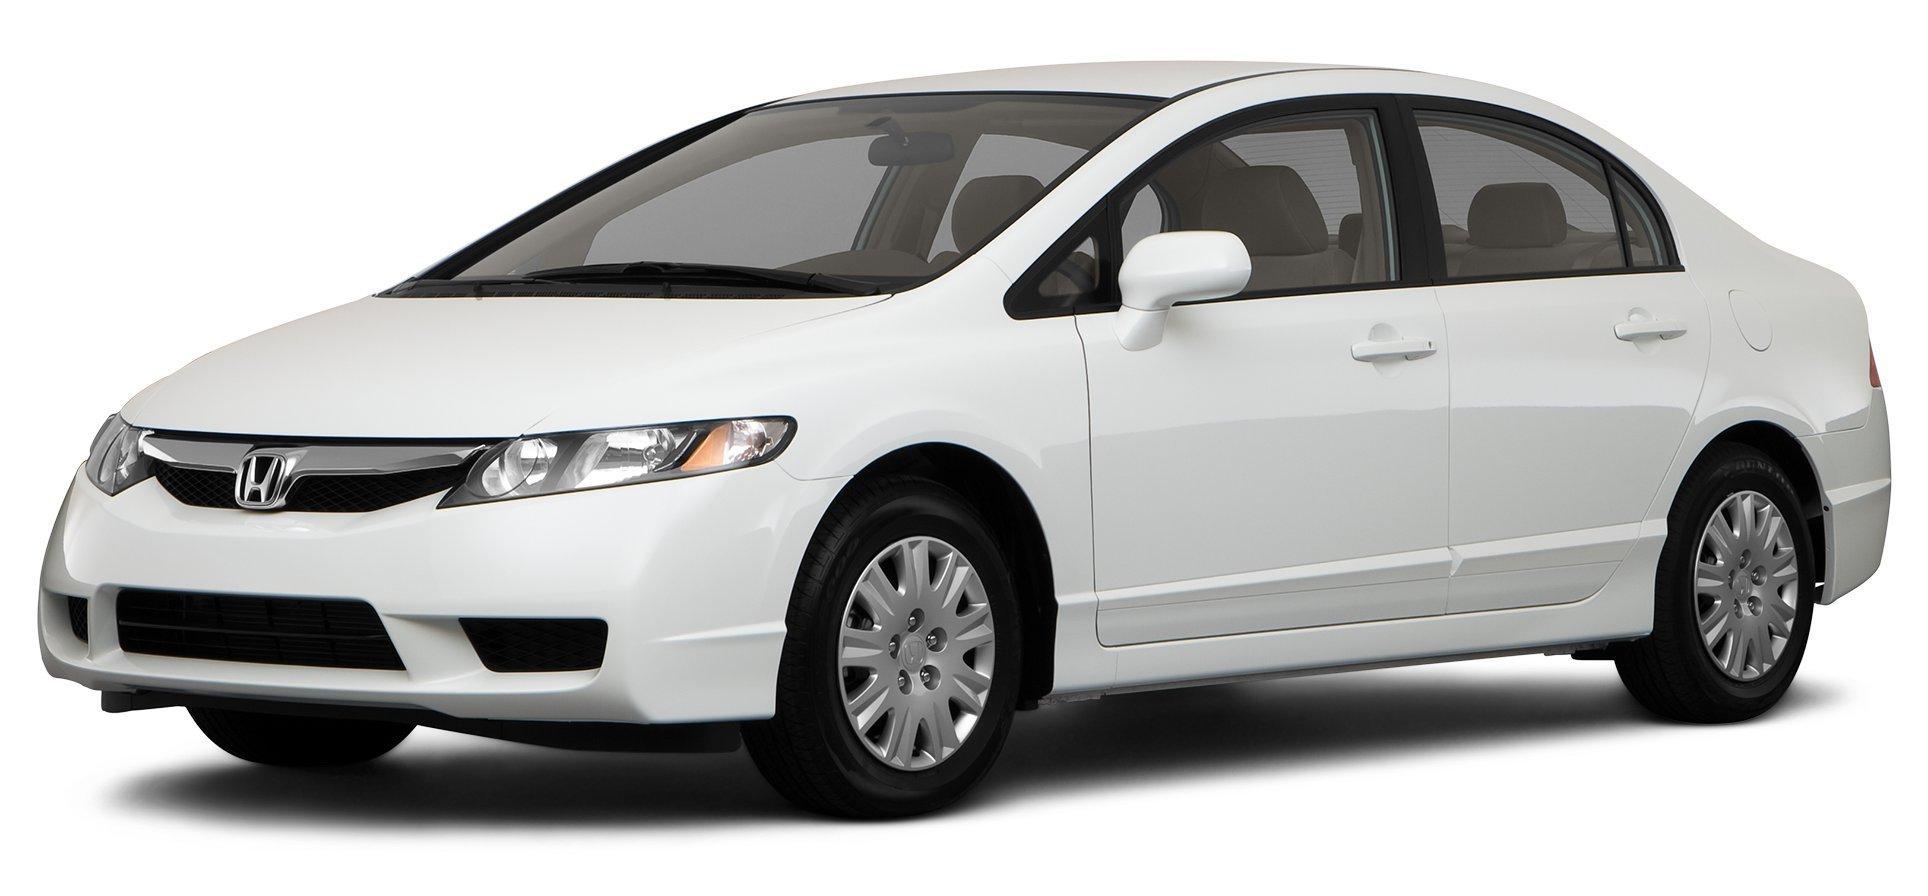 Kelebihan Honda Civic 2010 Tangguh